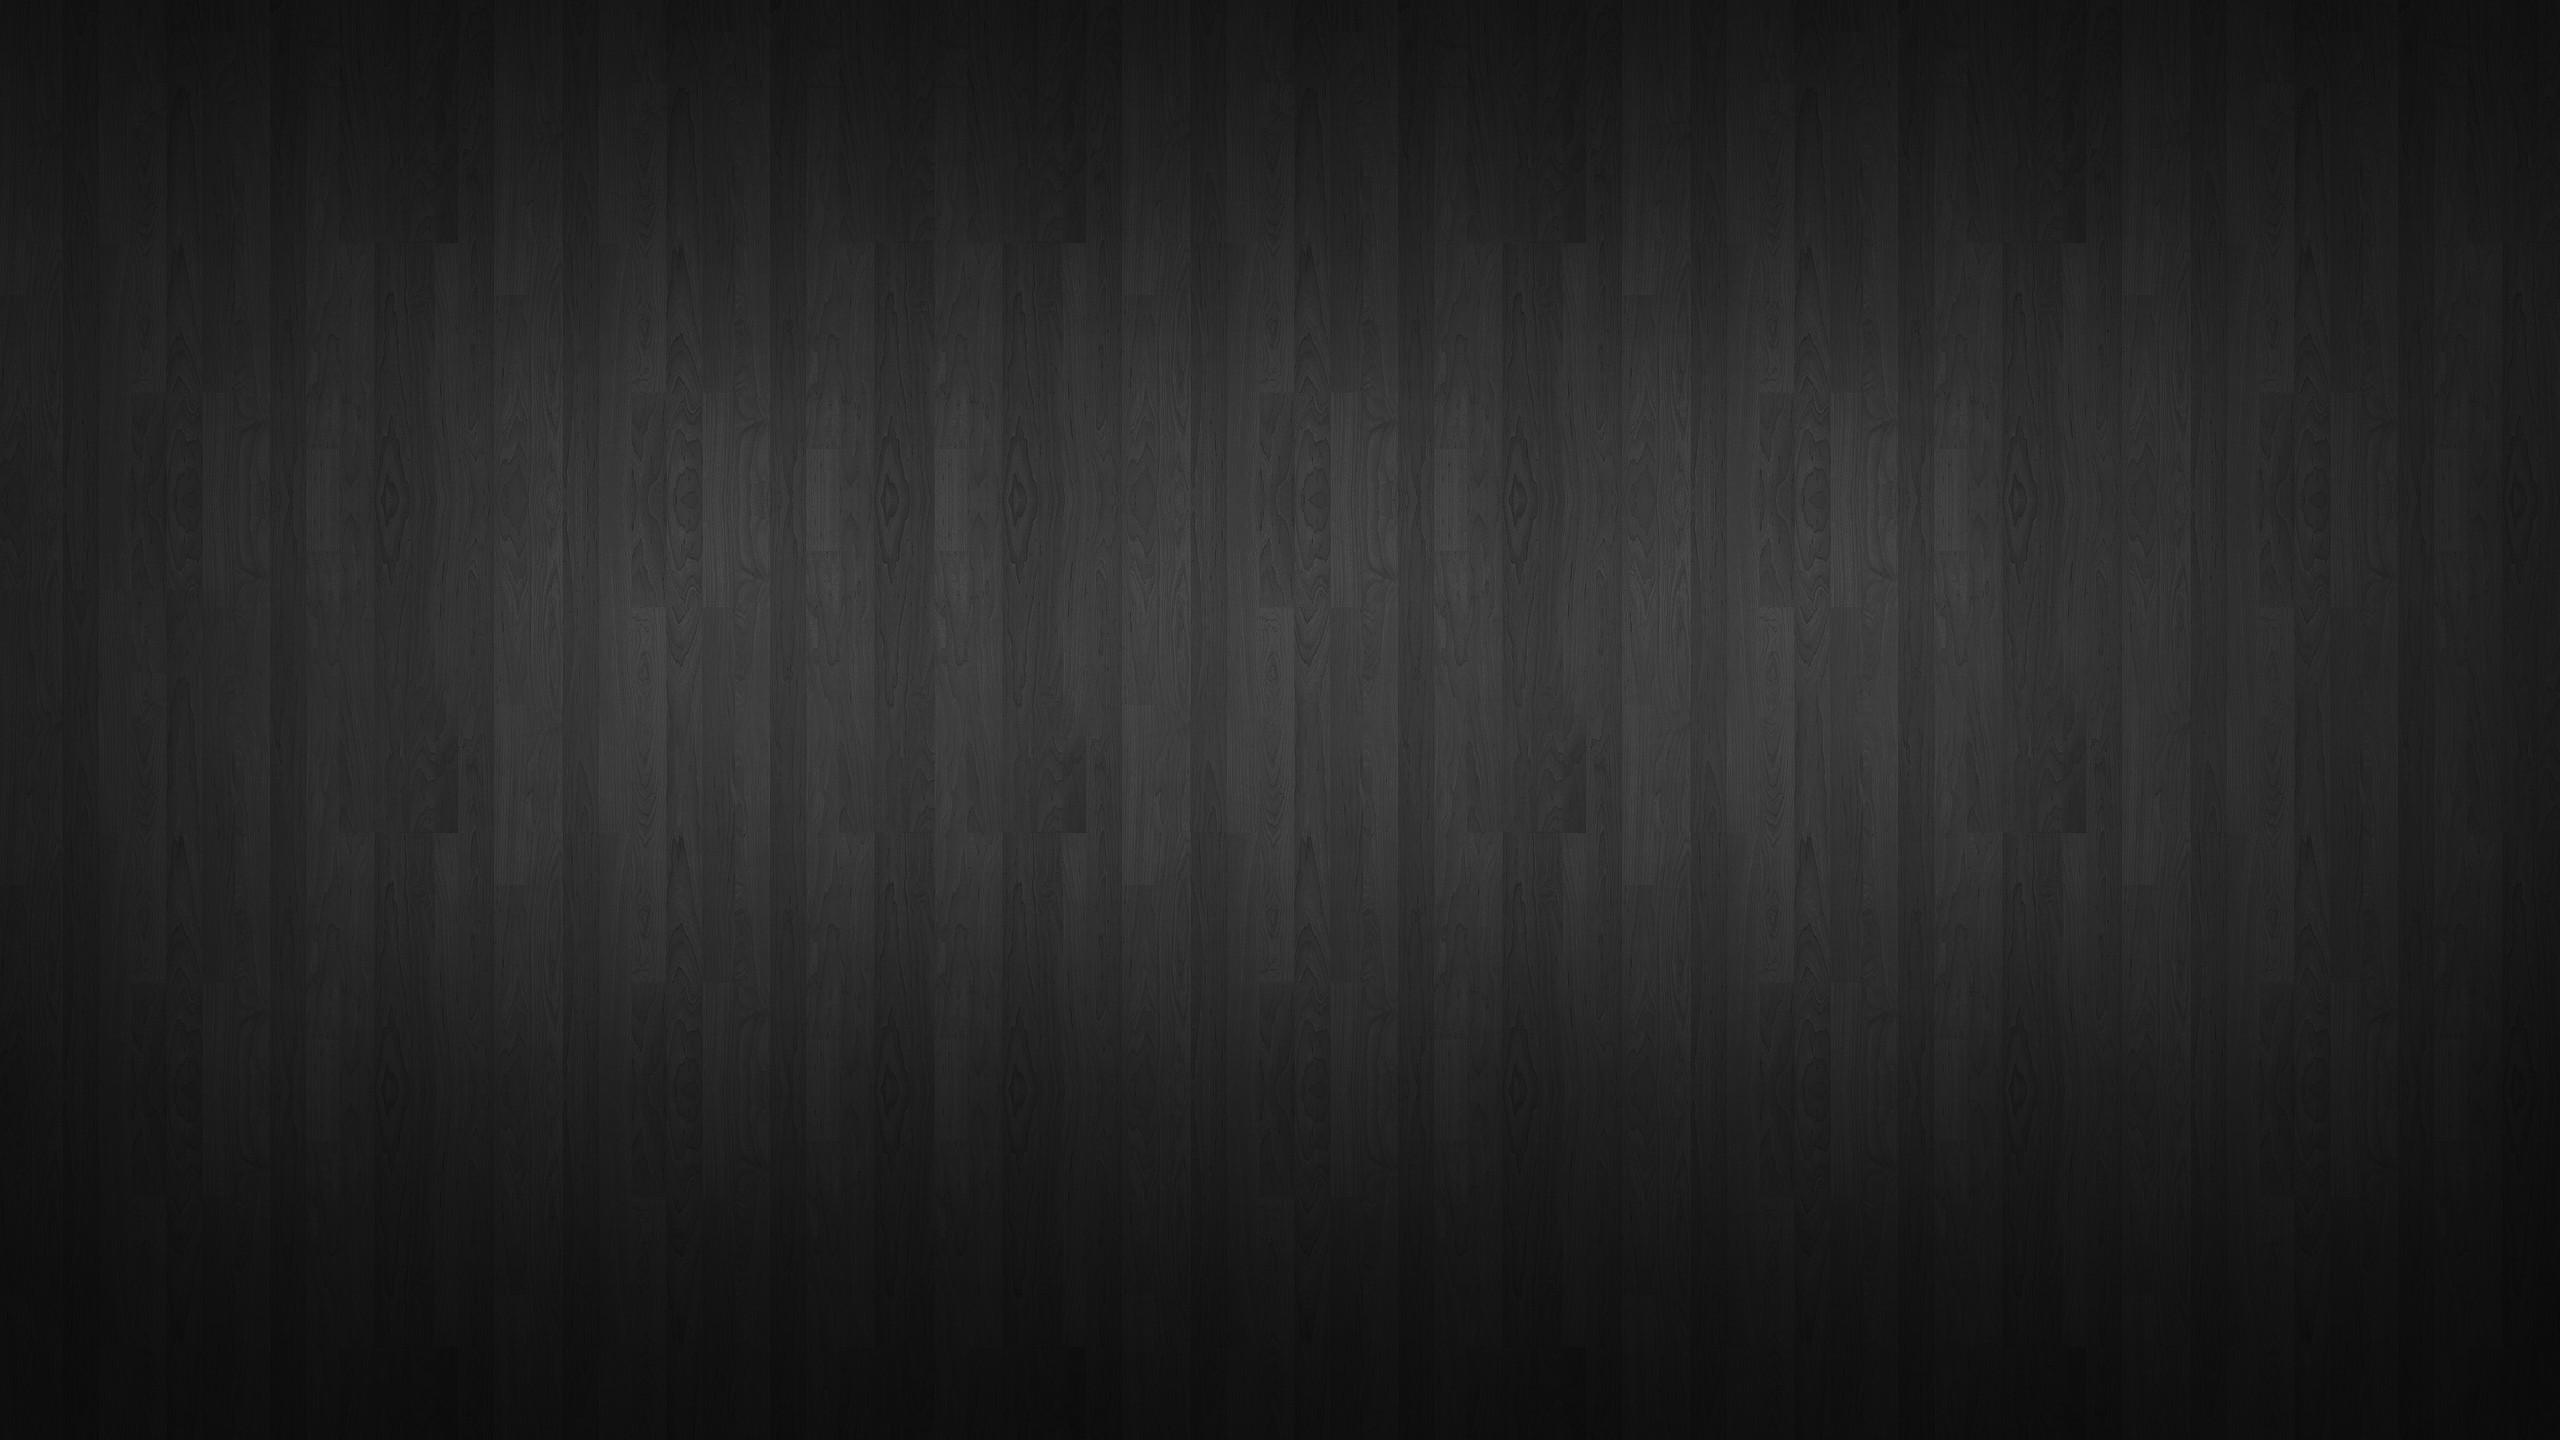 デスクトップ壁紙 木材 テクスチャ サークル 光 形状 ライン 闇 スクリーンショット